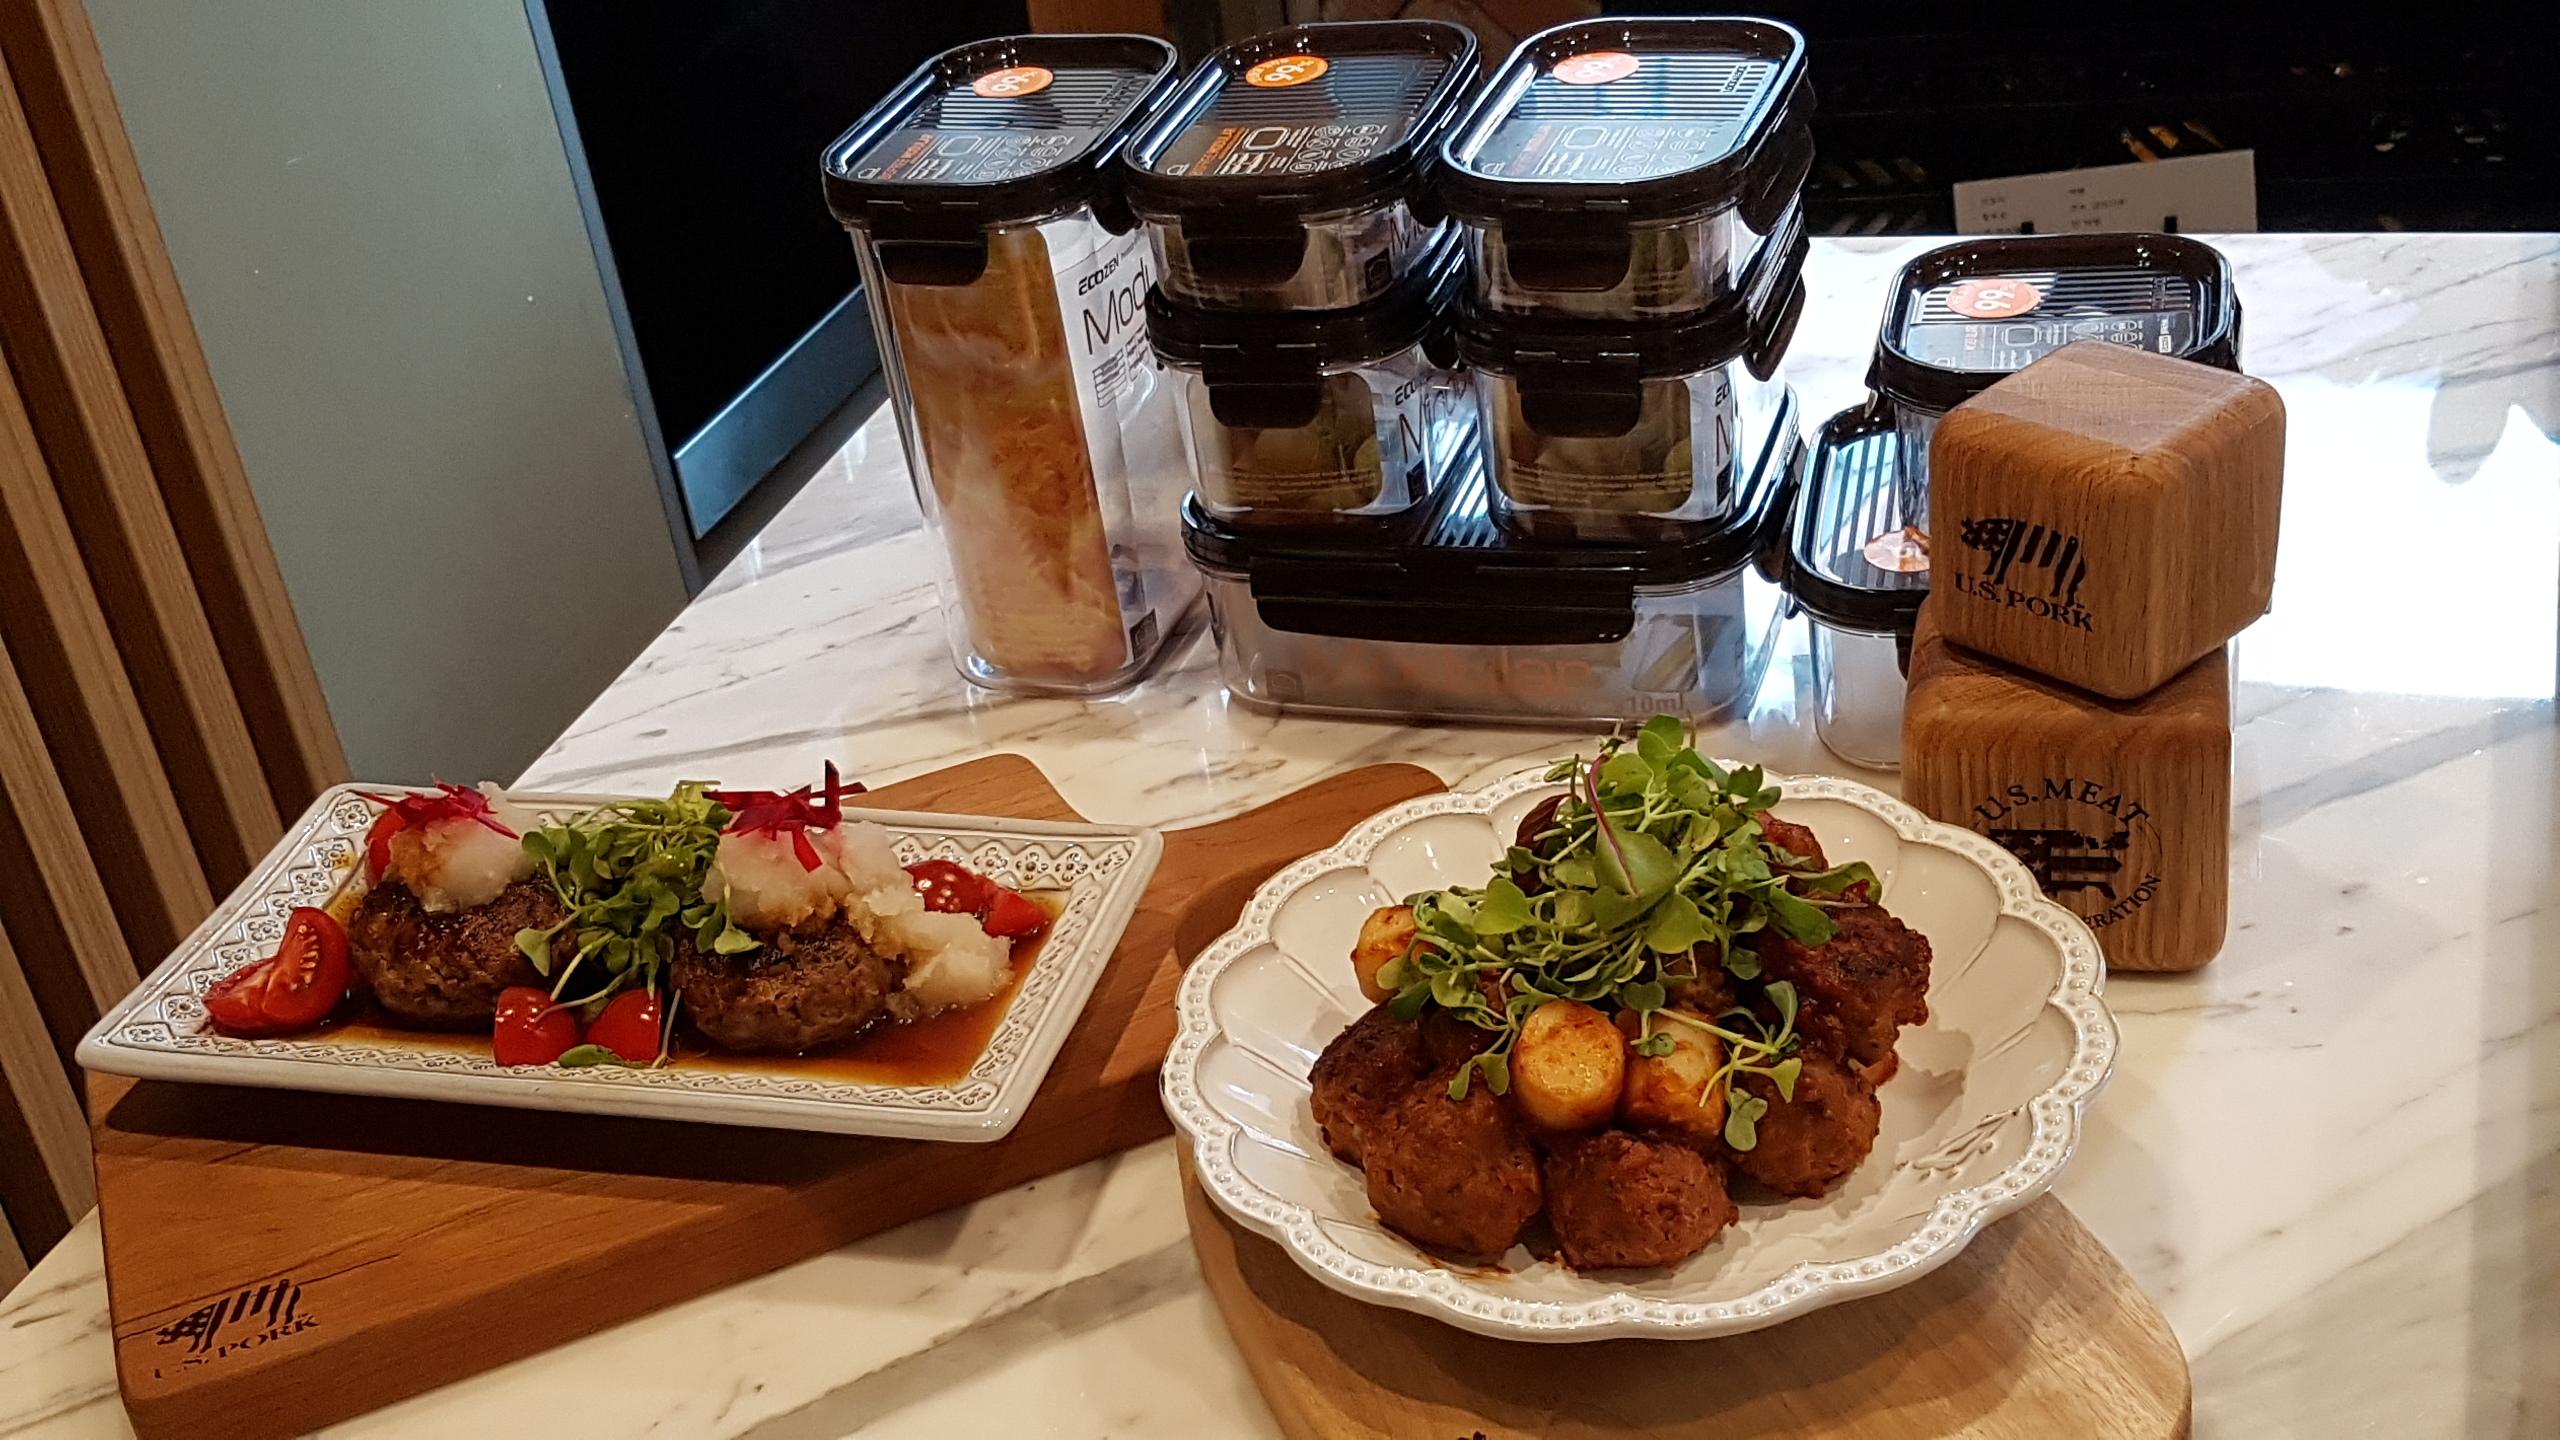 락앤락 원데이 쿠킹클래스-락앤락X미국육류수출협회 초등입맛저격 건강고기밥상